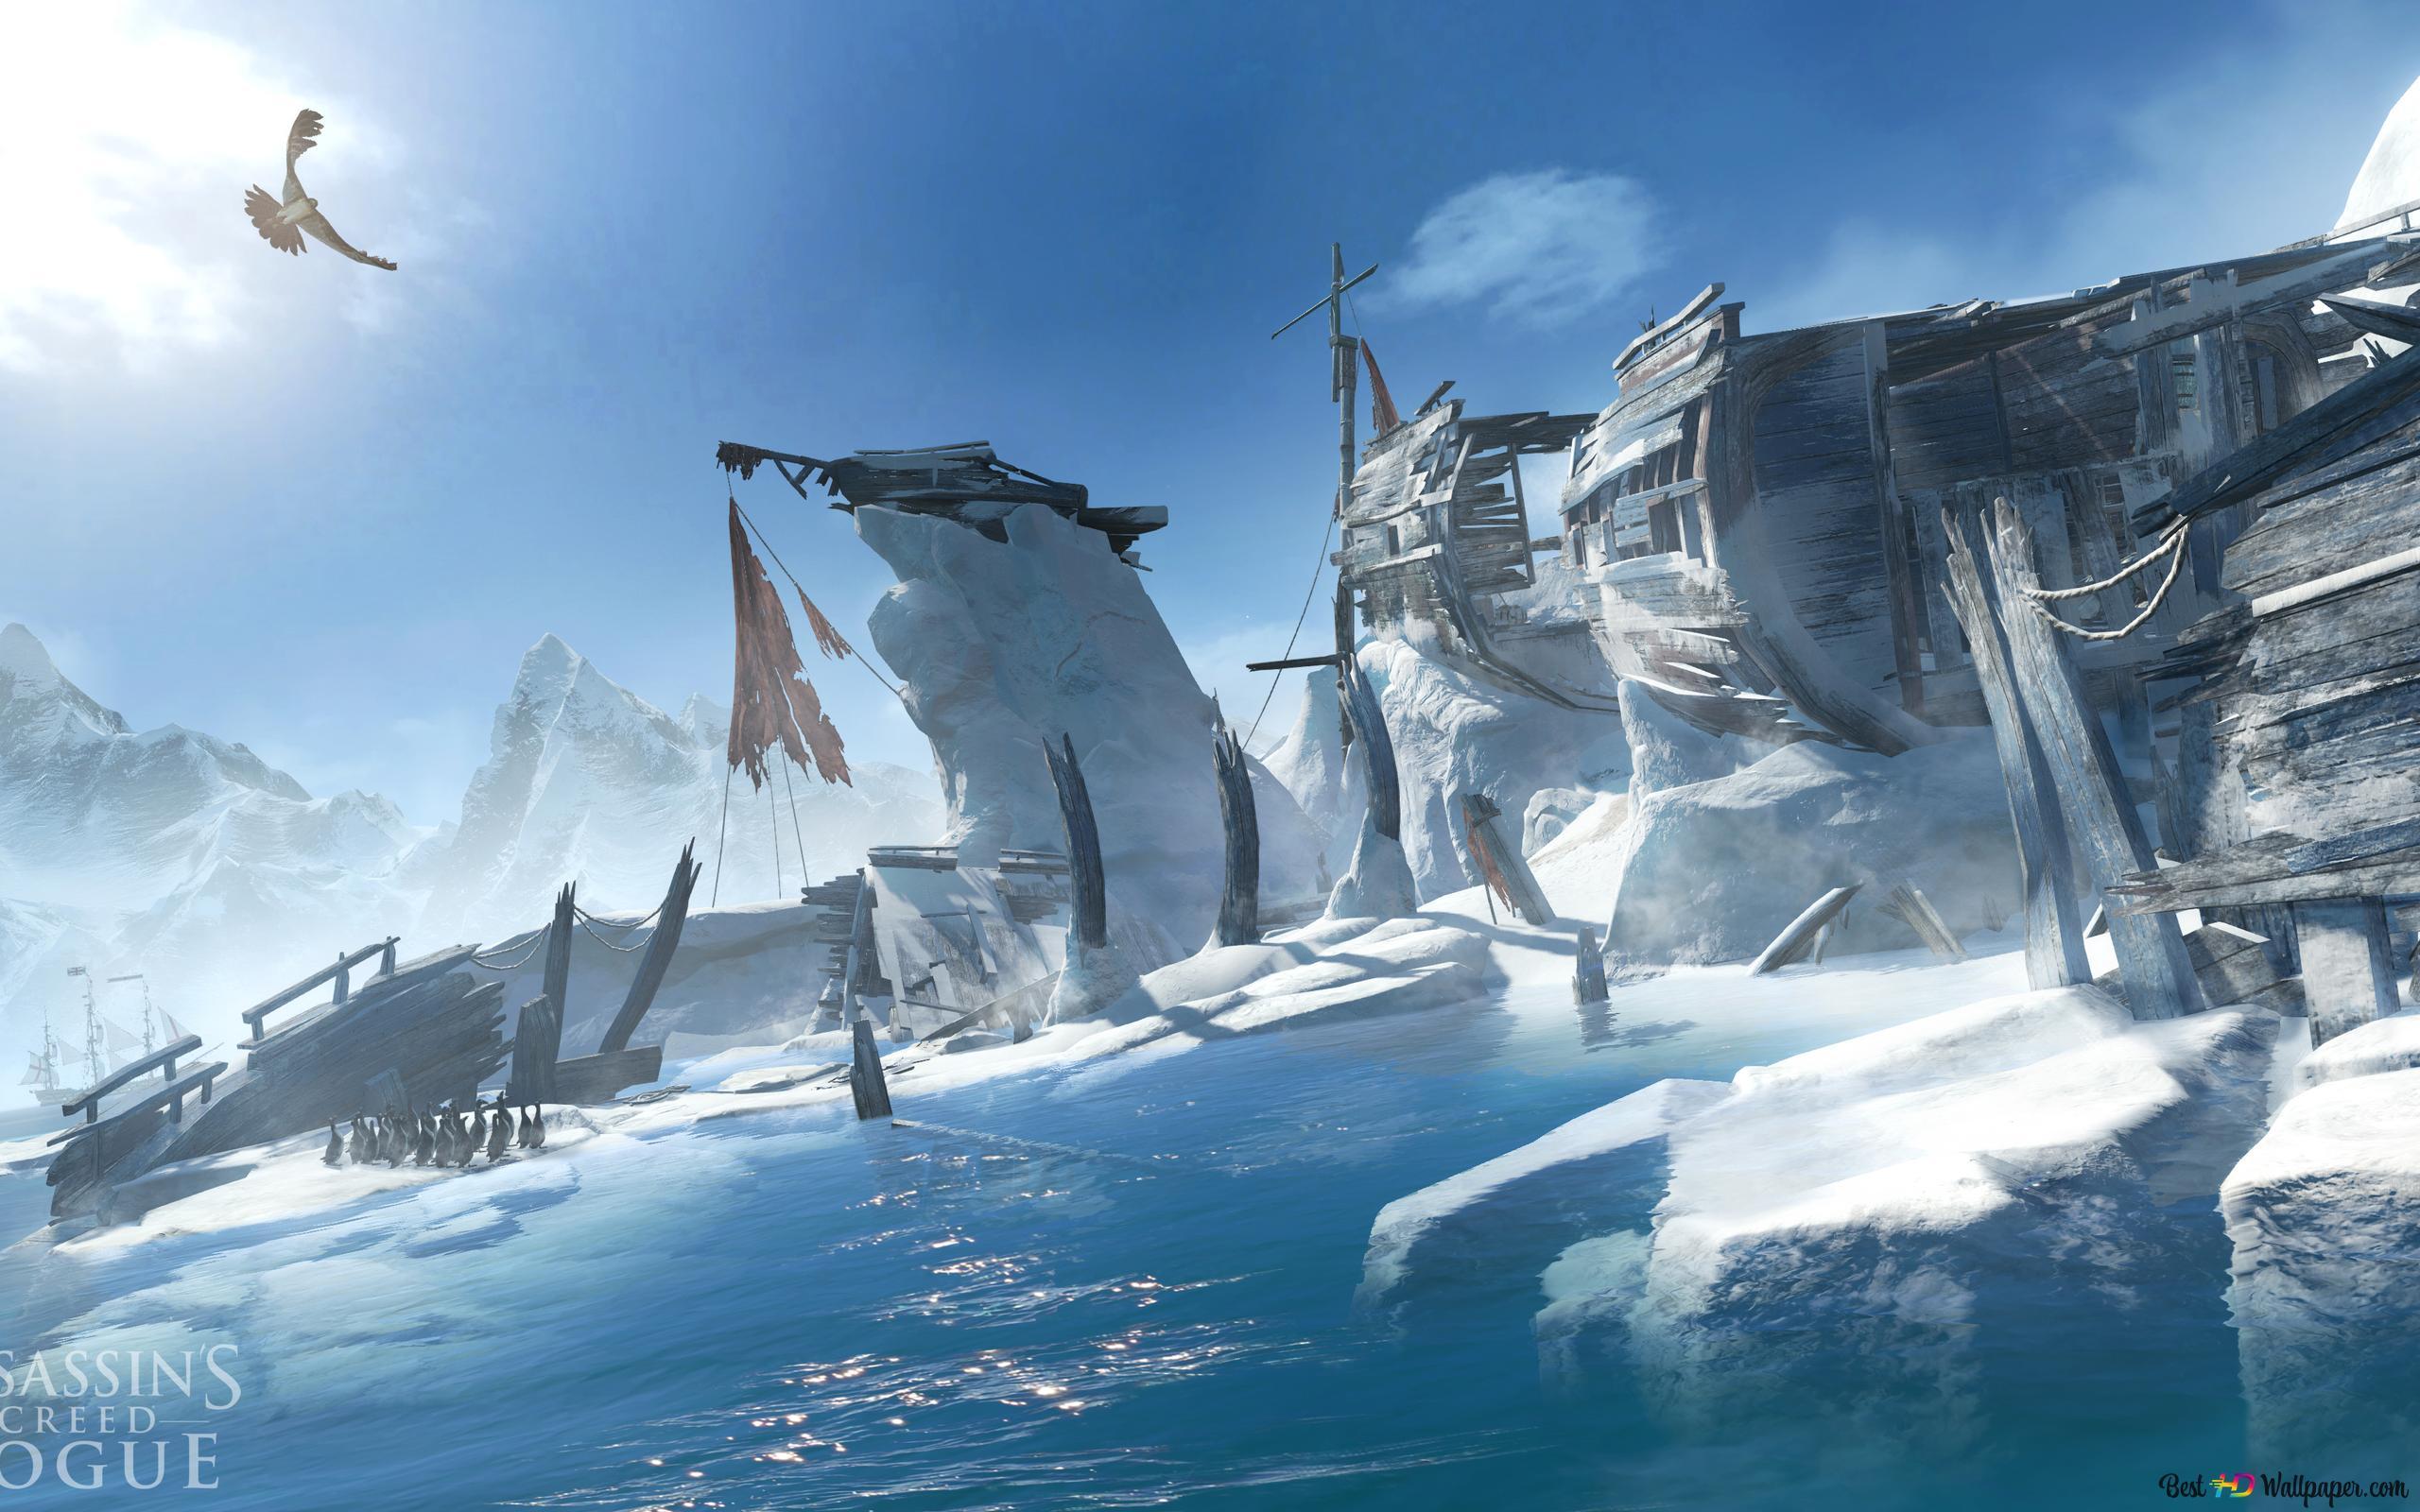 Assassin S Creed Rogue Hd Wallpaper Download